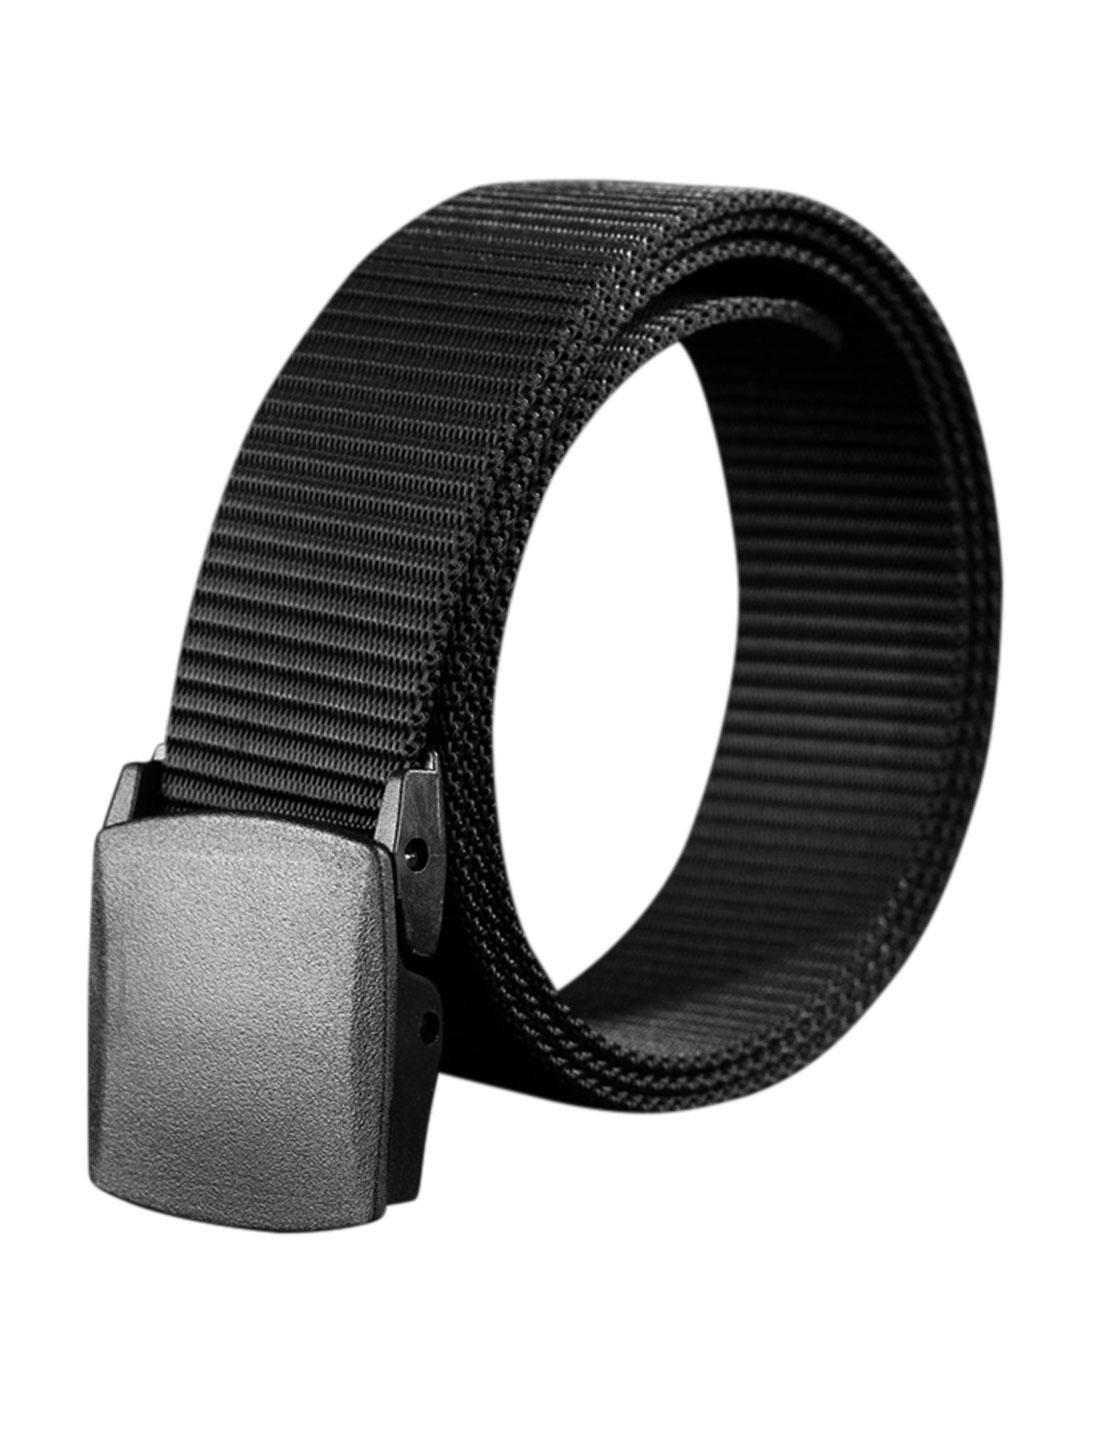 Unisex Plastic Buckle Adjustable Military Canvas Belt Black